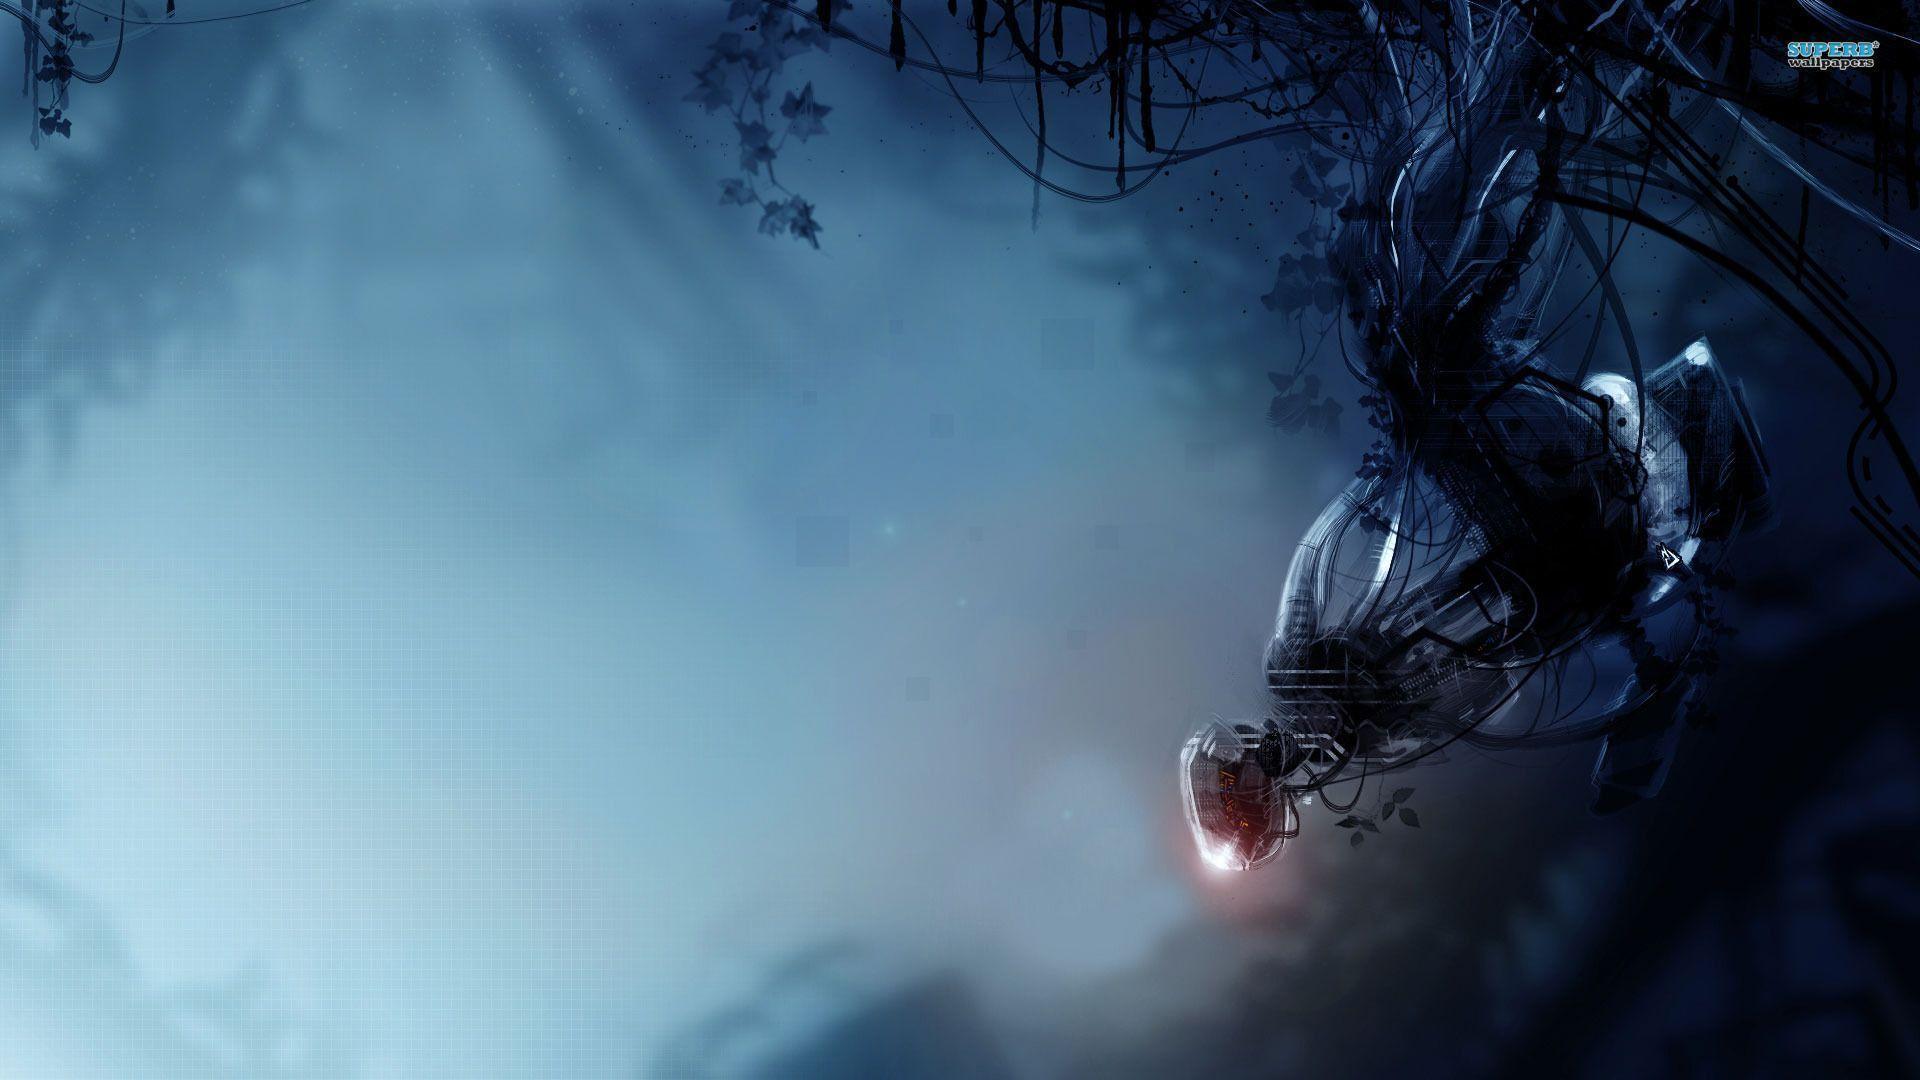 Portal 2 Wallpapers Hd Wallpaper Cave